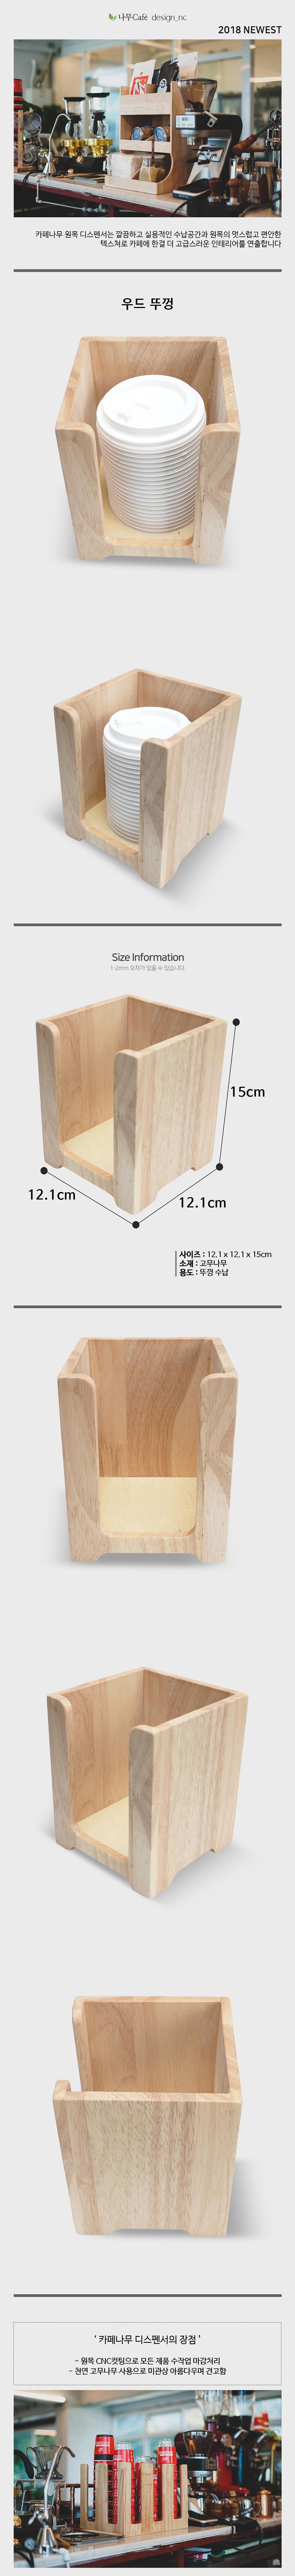 원목 뚜껑디스펜서 - 디자인엔씨, 22,800원, 주방수납용품, 수납함